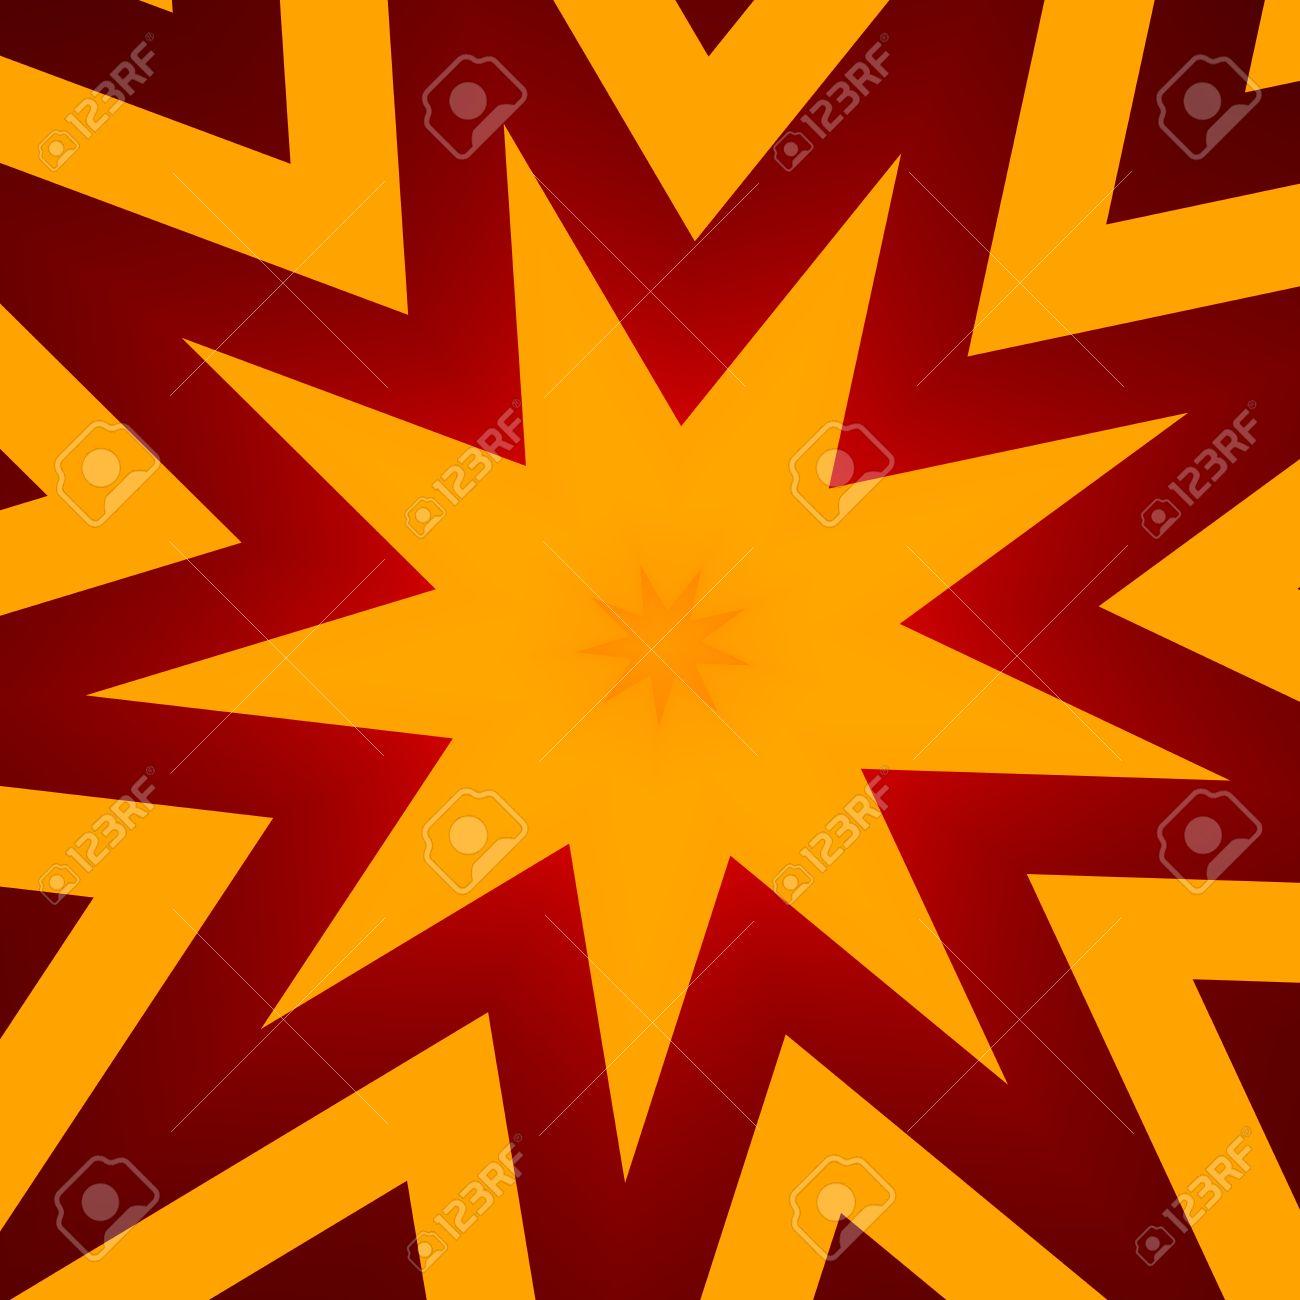 Background image header - Flat Design Star Illustration For Poster Abstract Orange Color Background For Header Or Banner